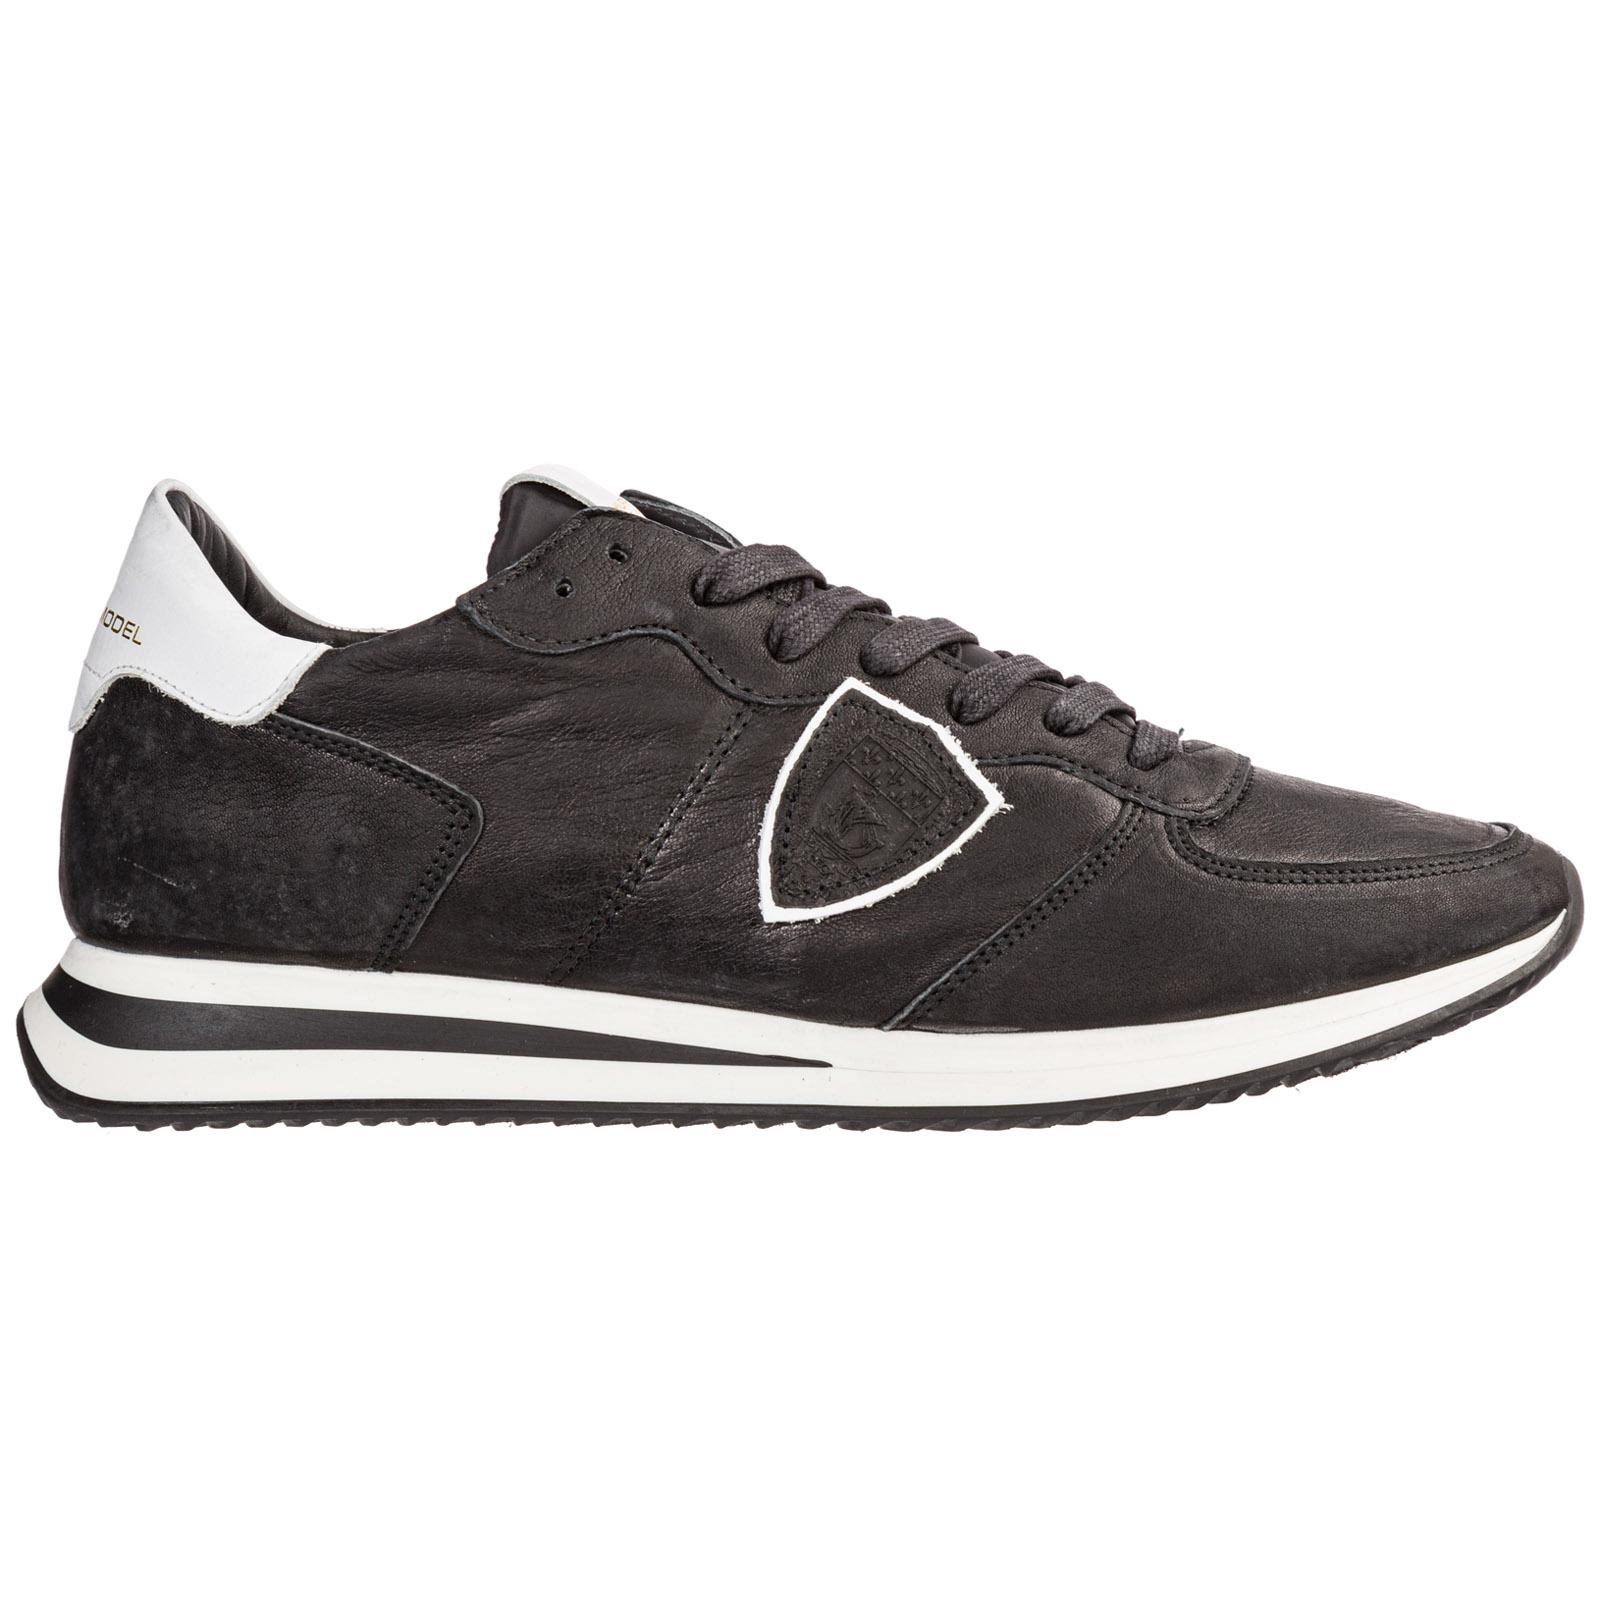 42d3841a40 Scarpe sneakers uomo in pelle tropez